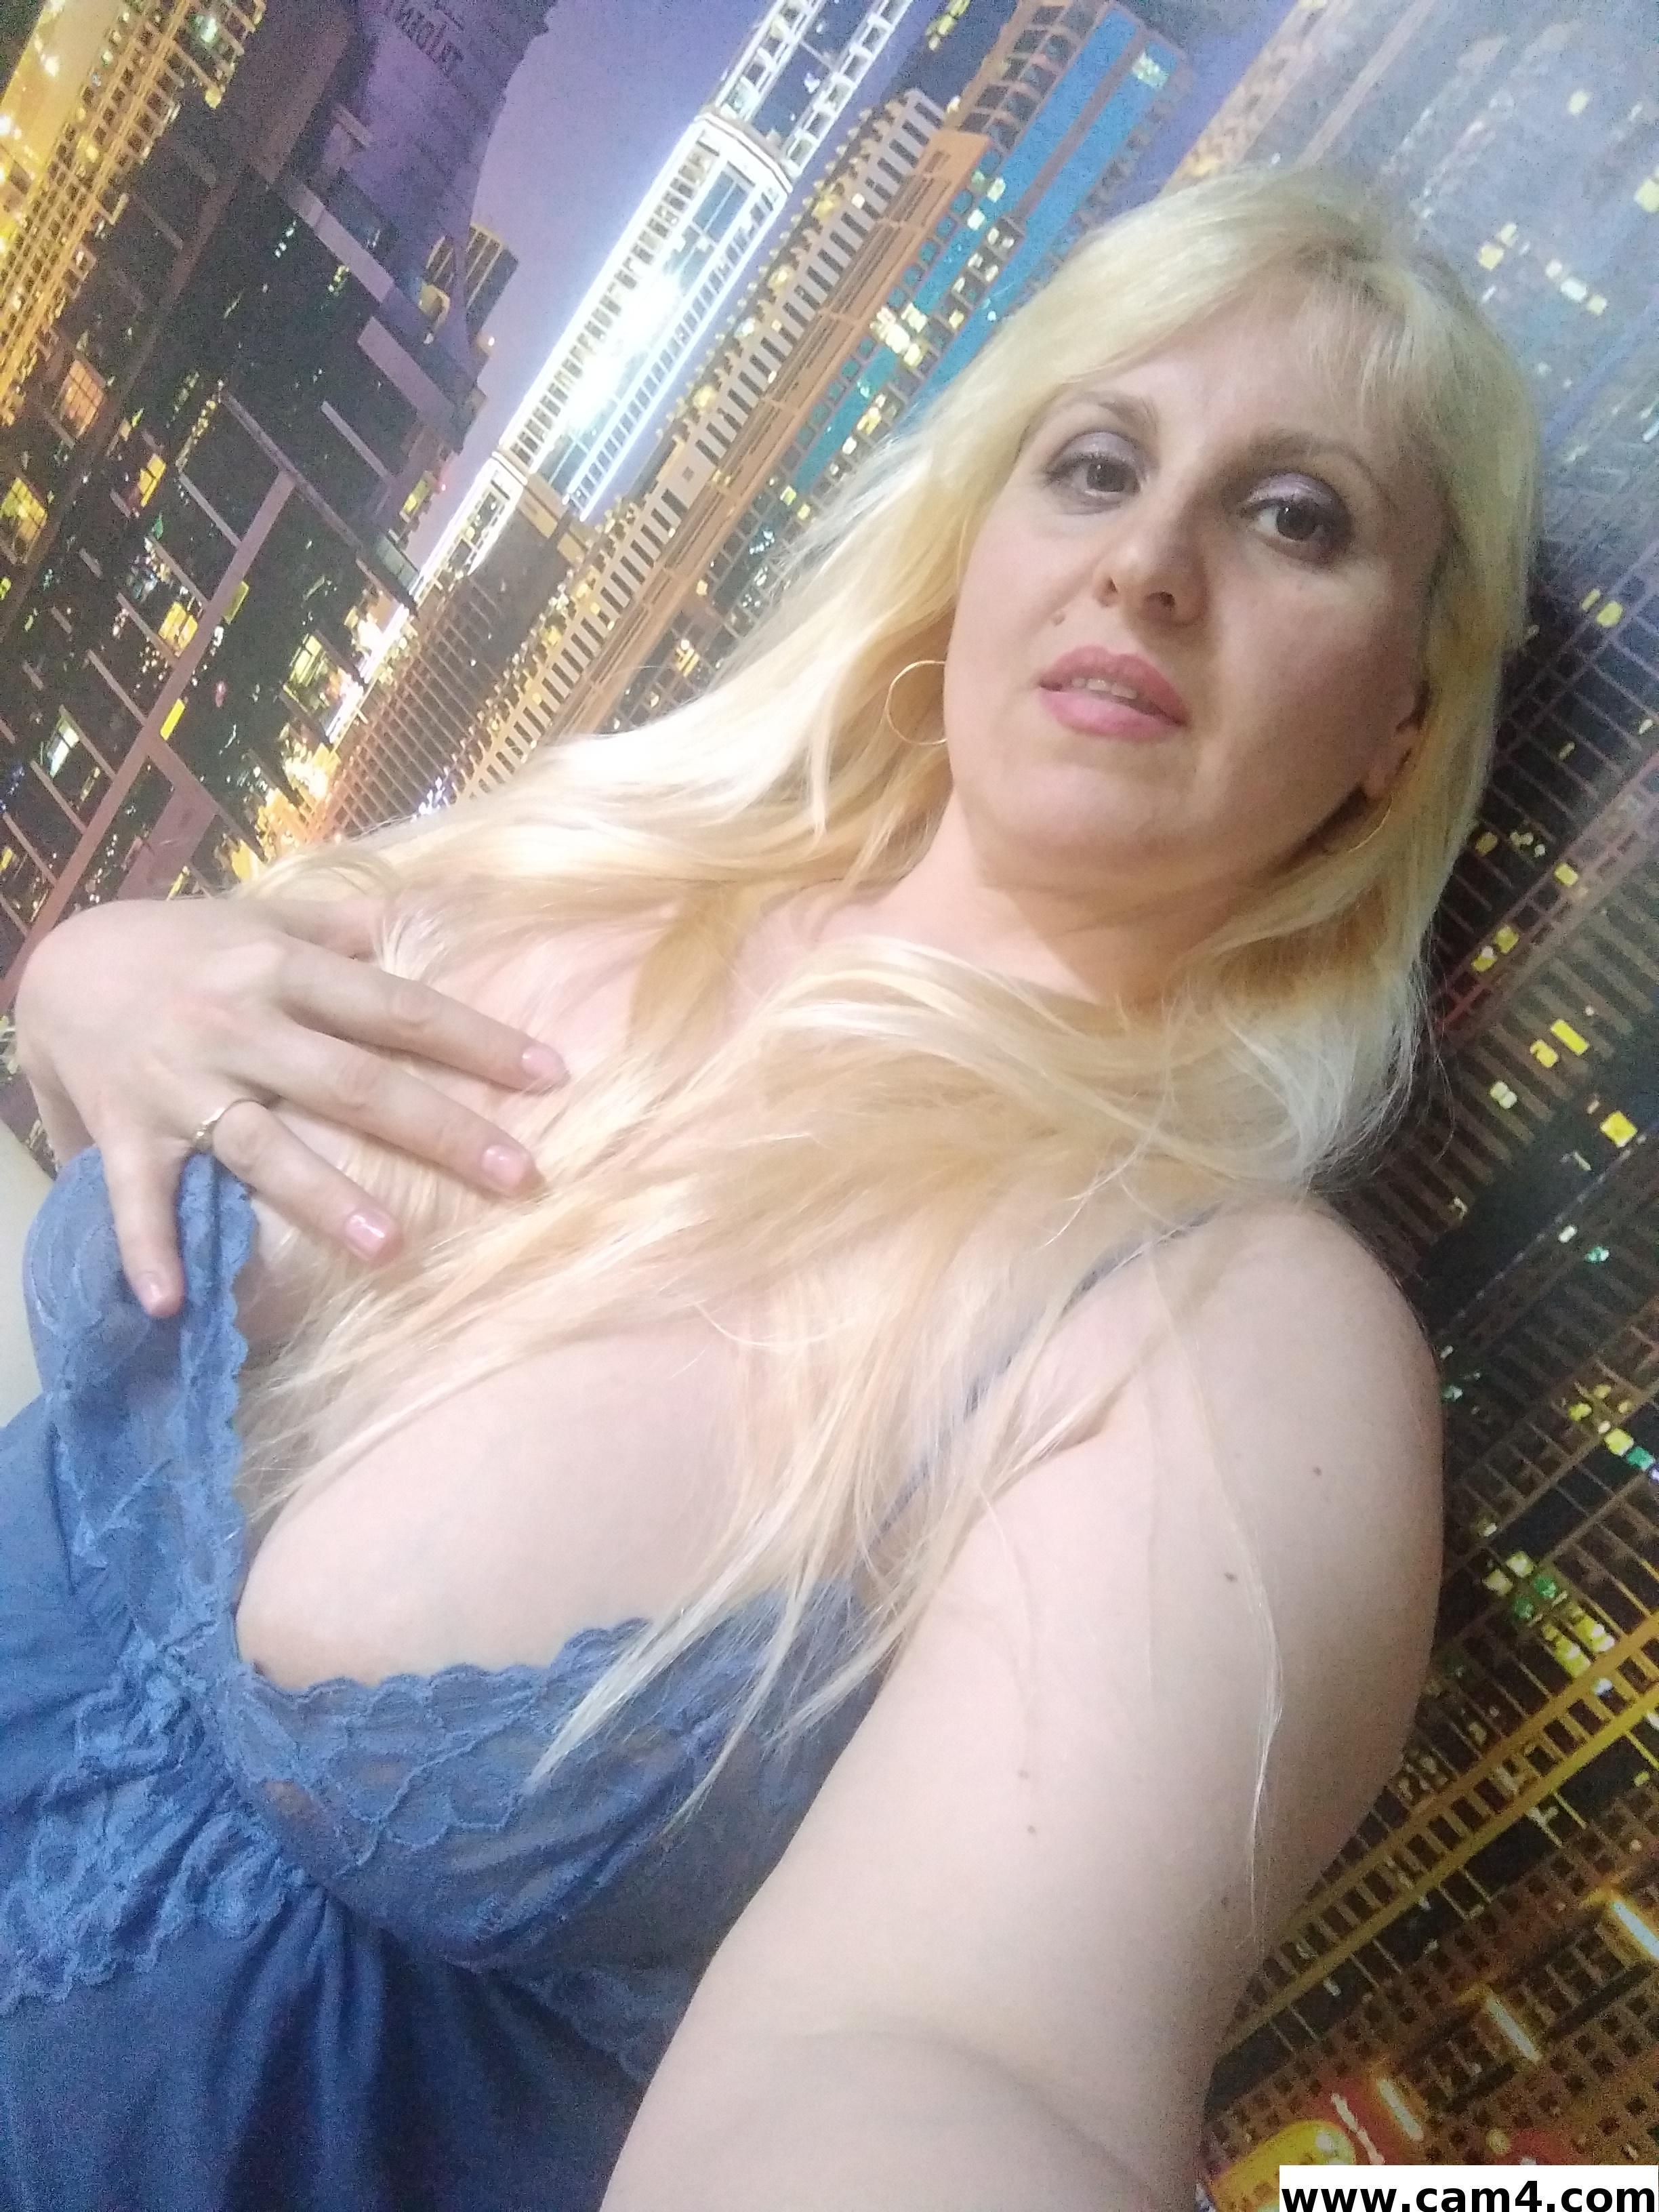 Blondabella?s=nuk8grzqwkmjqeqydkhz84bx6ngrnzrkgtnmk38xzza=